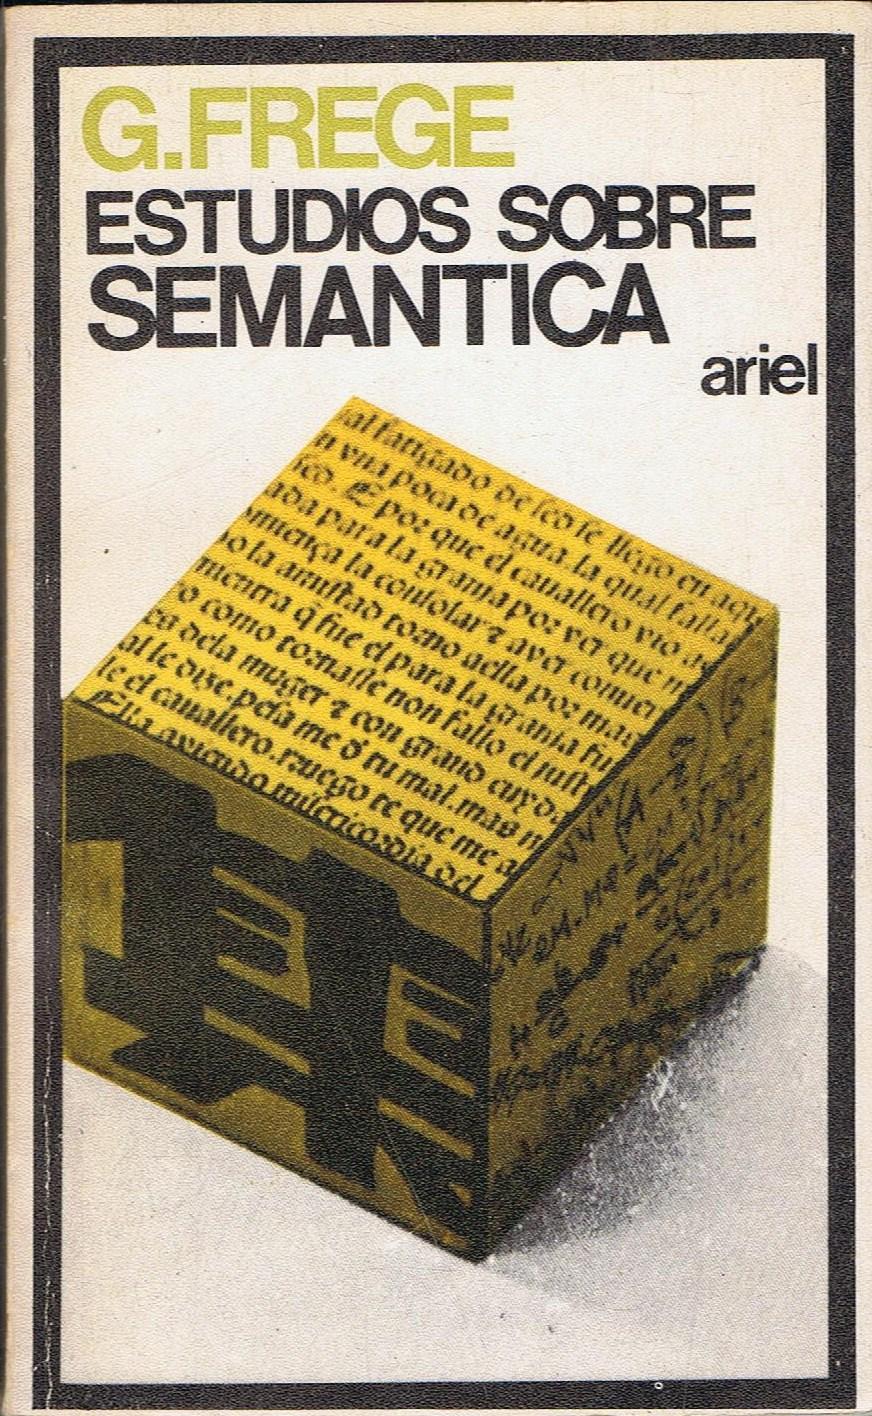 Resultado de imagen para frege estudios sobre semantica